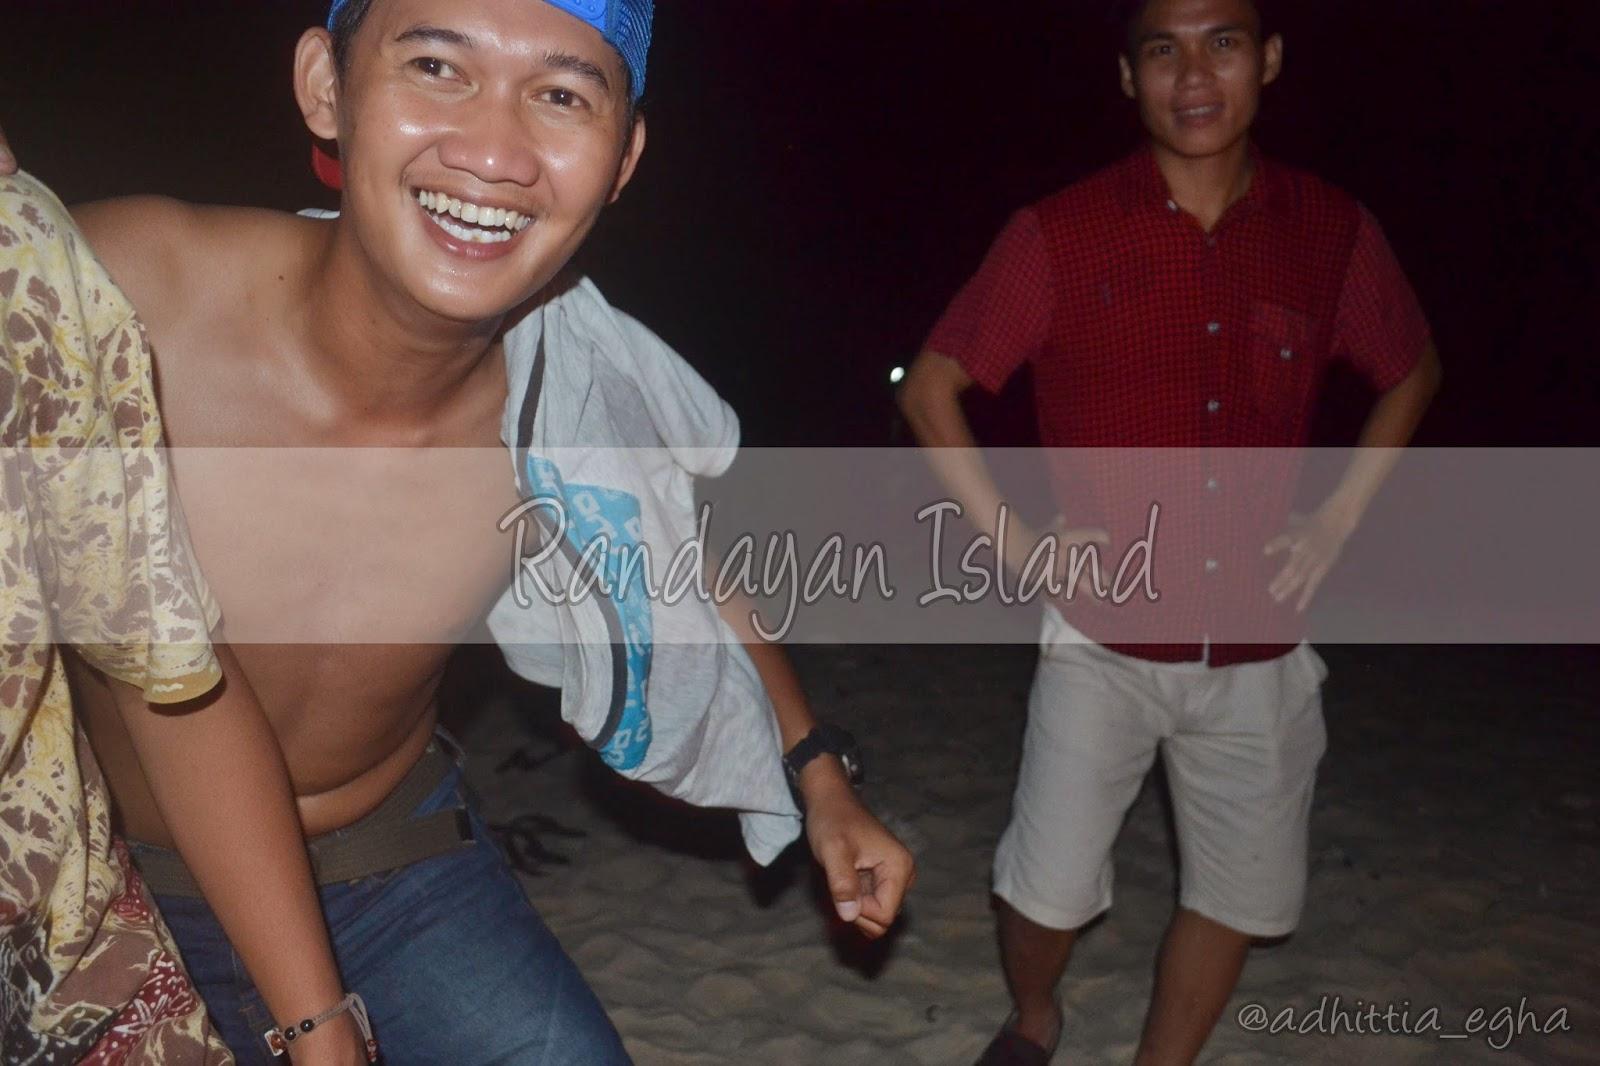 IPMKH @ Randayan